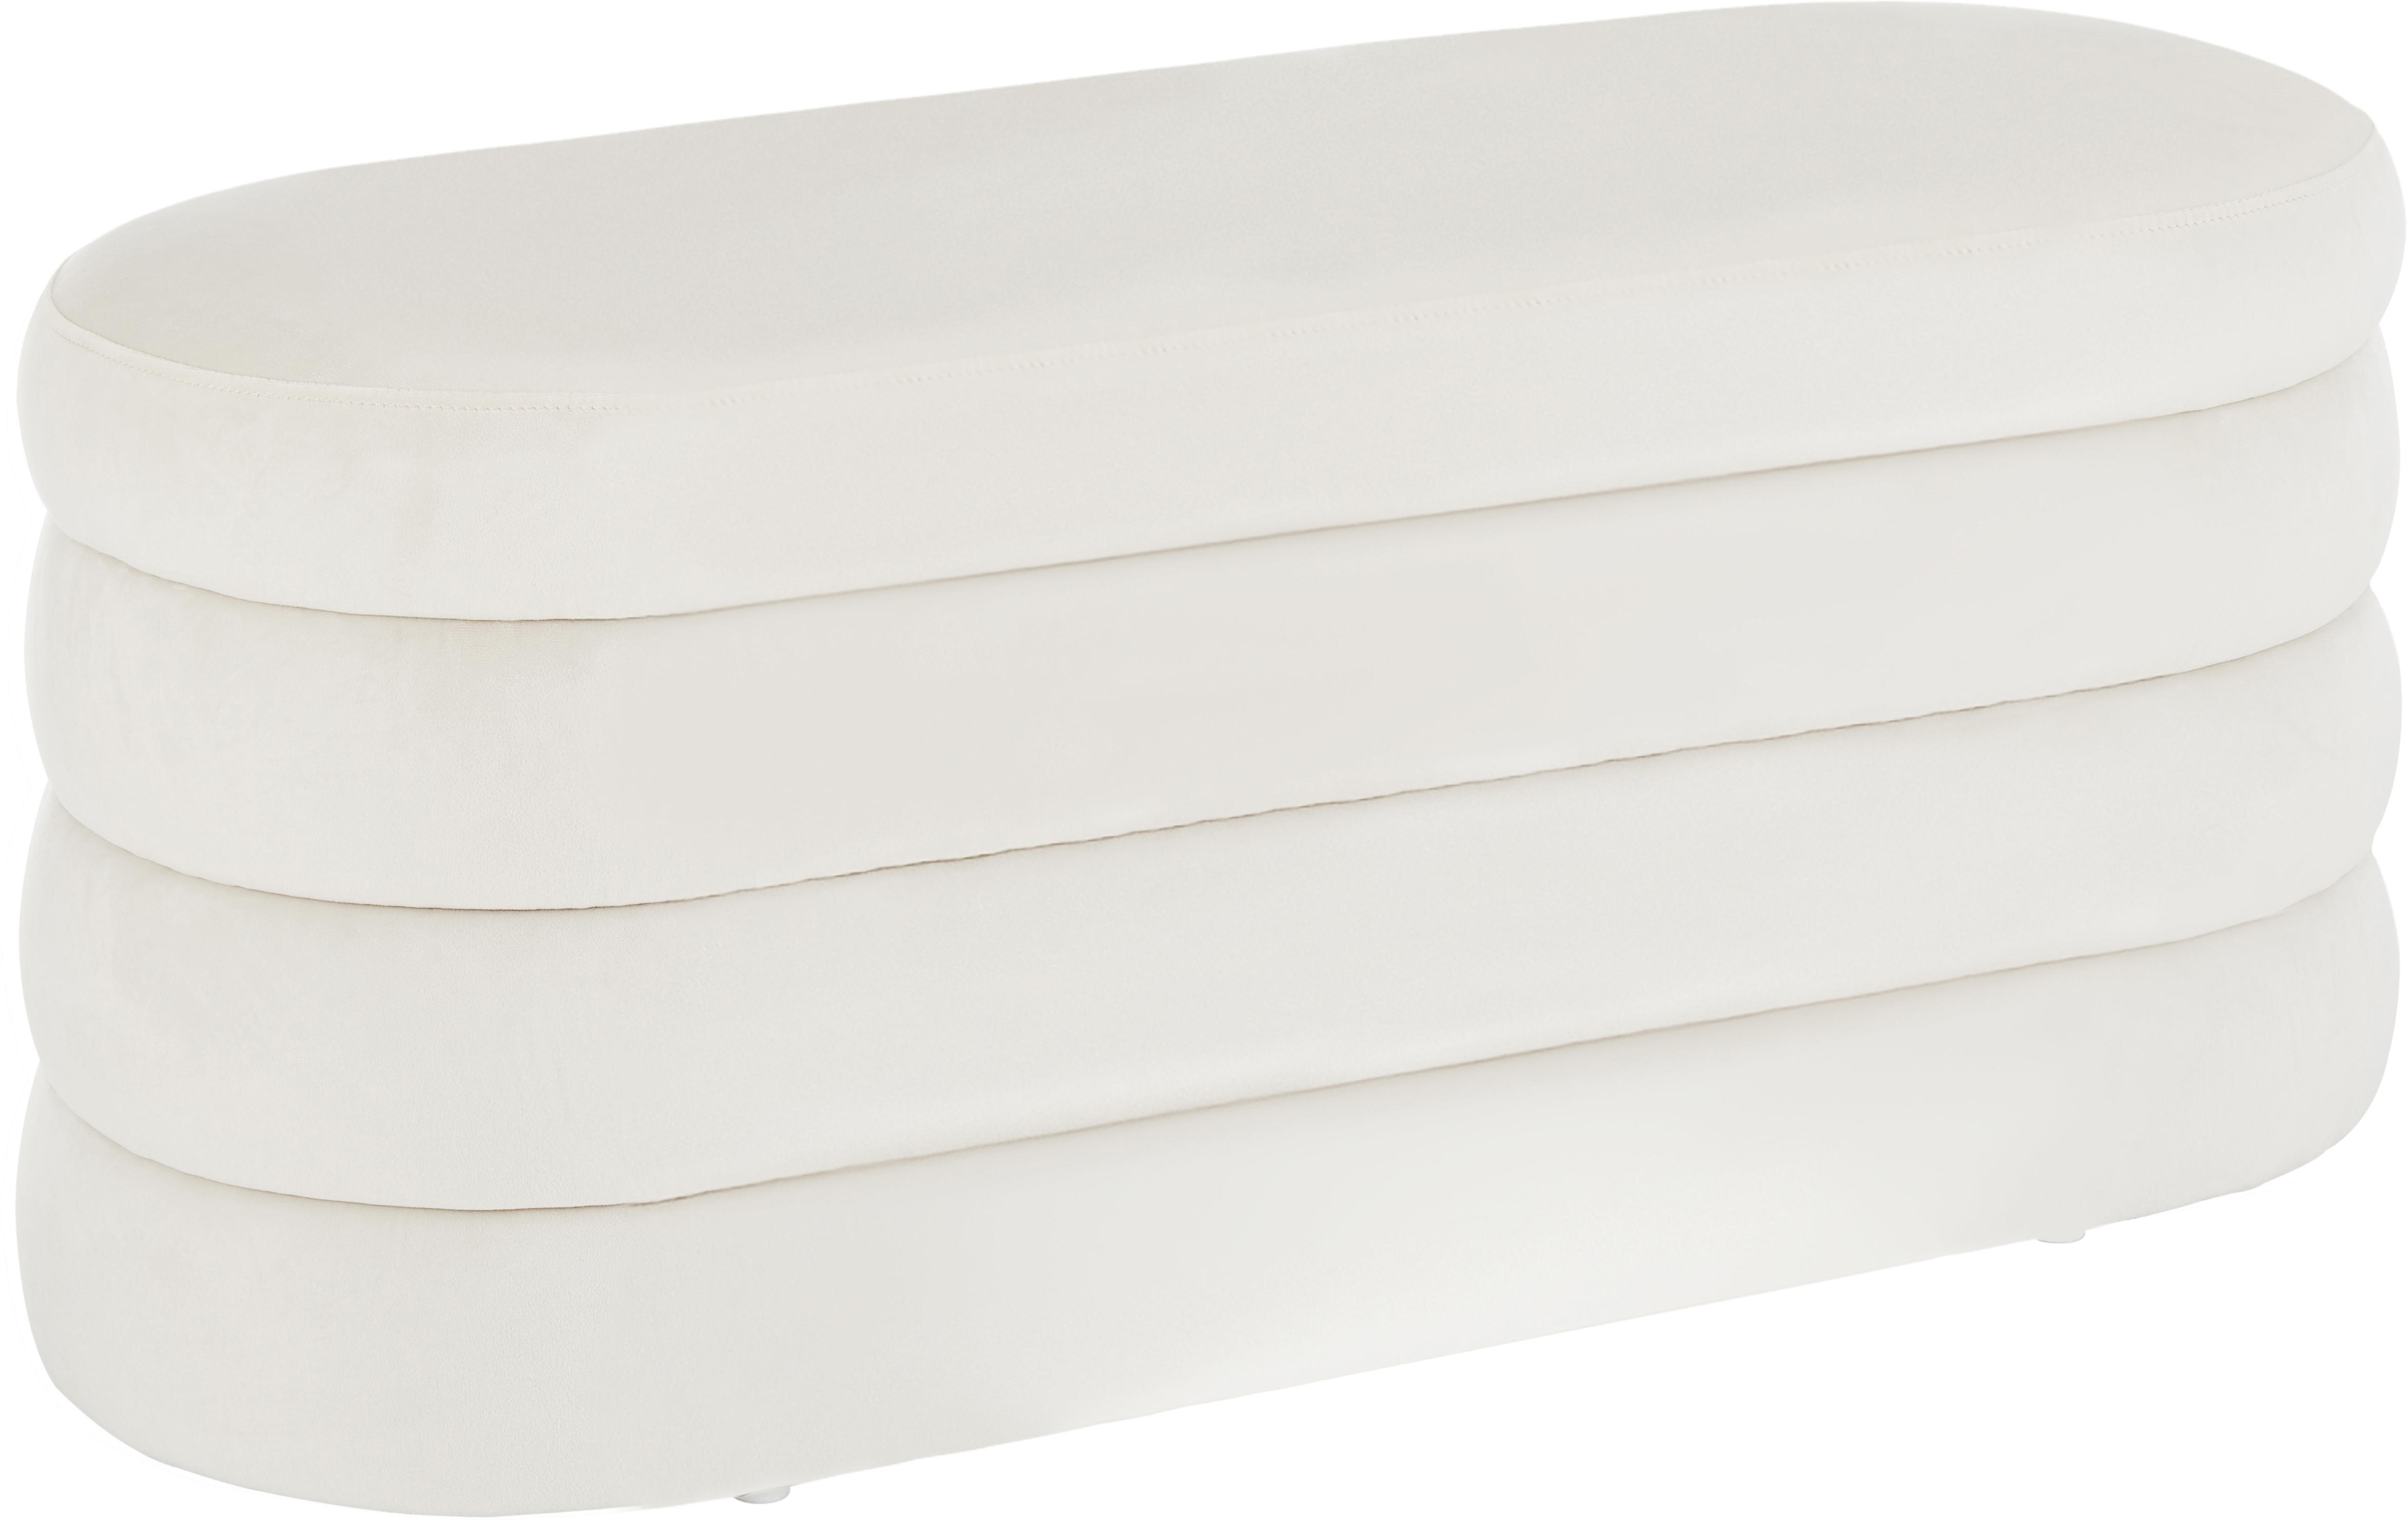 Ławka tapicerowana z aksamitu Alto, Tapicerka: aksamit (poliester) 3000, Stelaż: lite drewno sosnowe, skle, Kremowobiały, S 110 x W 48 cm